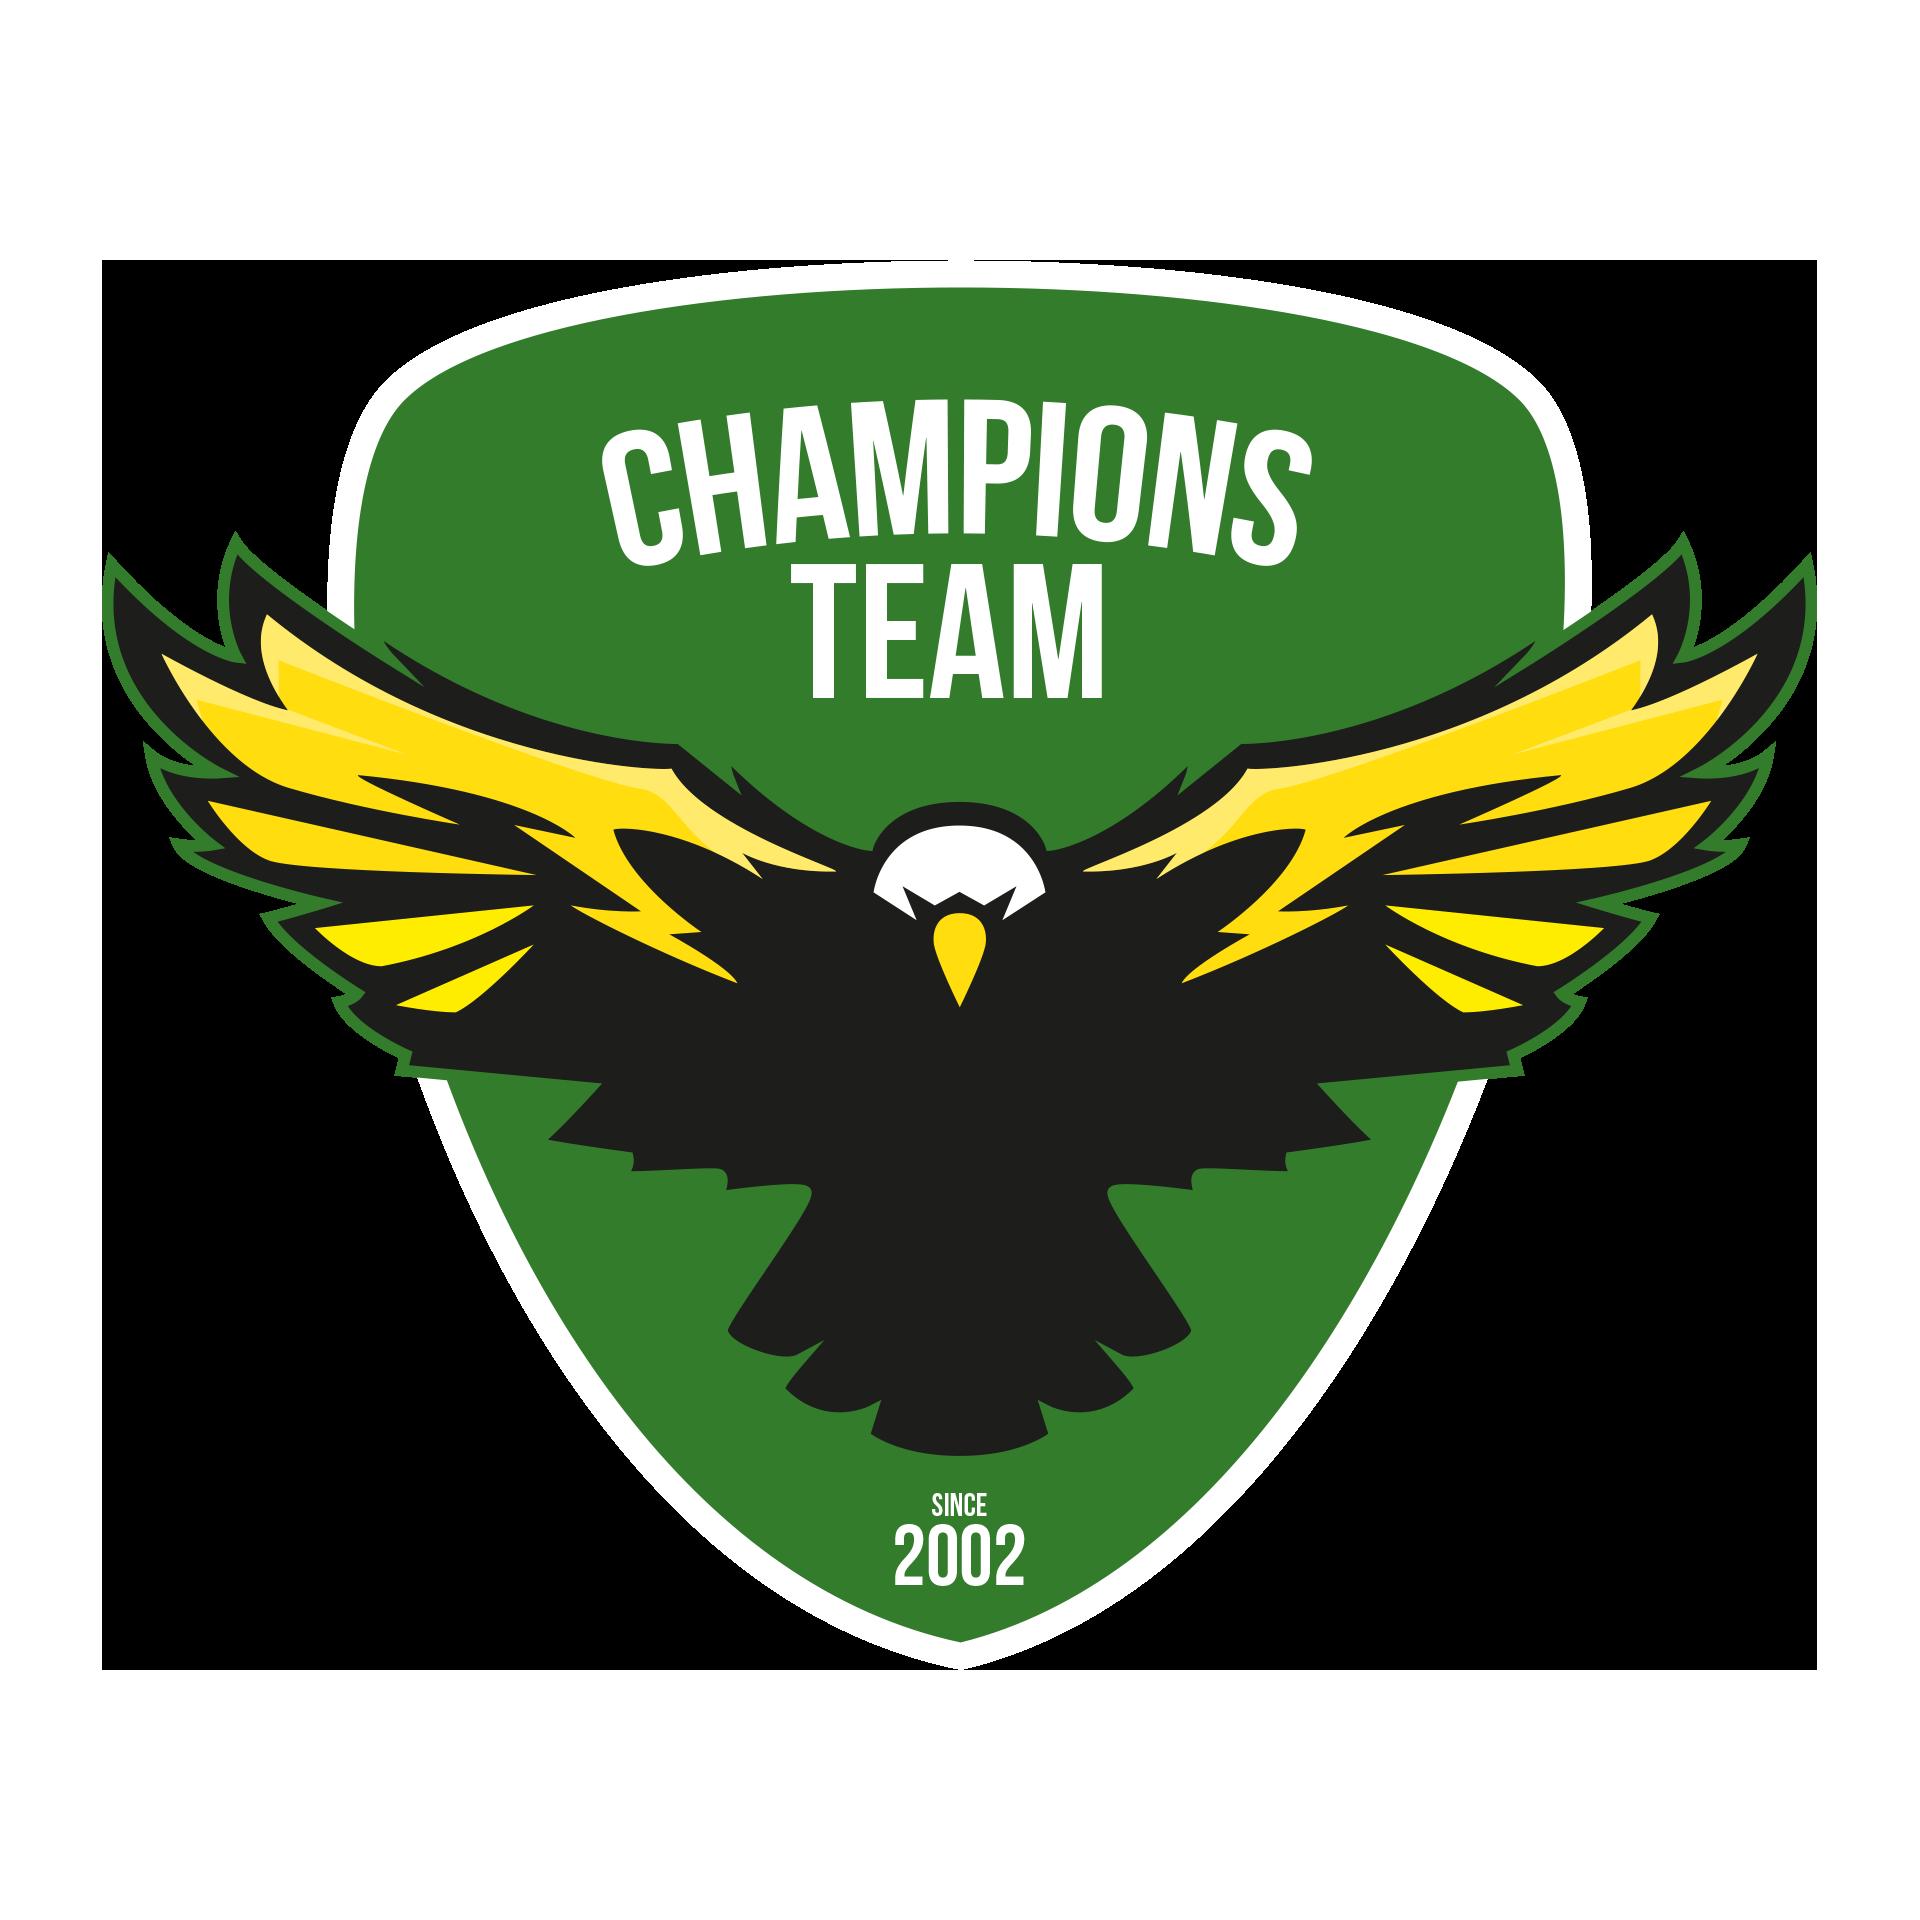 Champions Team się wzmacnia. Legenda dołączyła do klubu